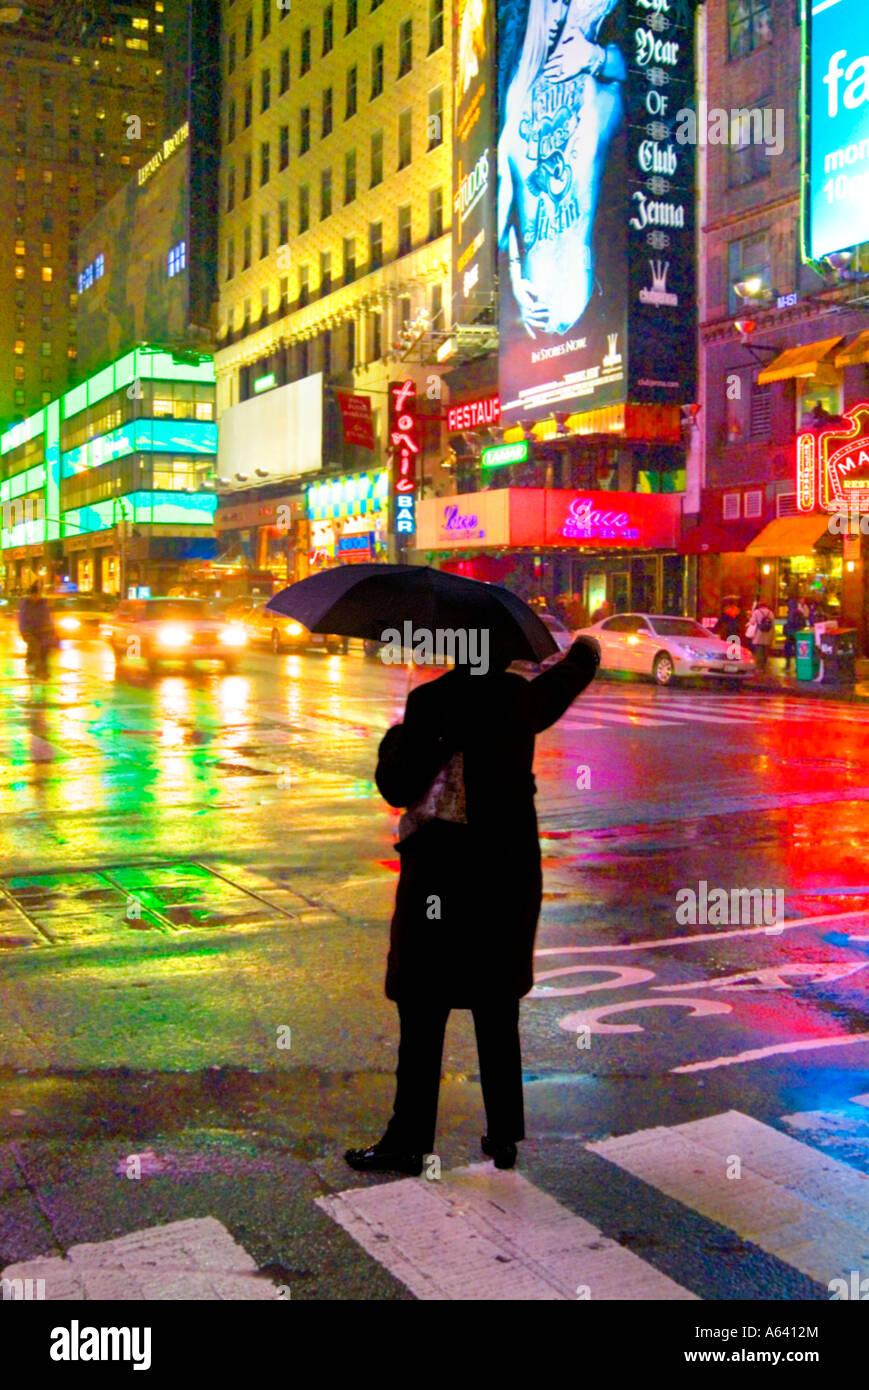 L'uomo salutando Taxi con ombrello in caso di pioggia durante la notte, la città di New York Times Square, Immagini Stock